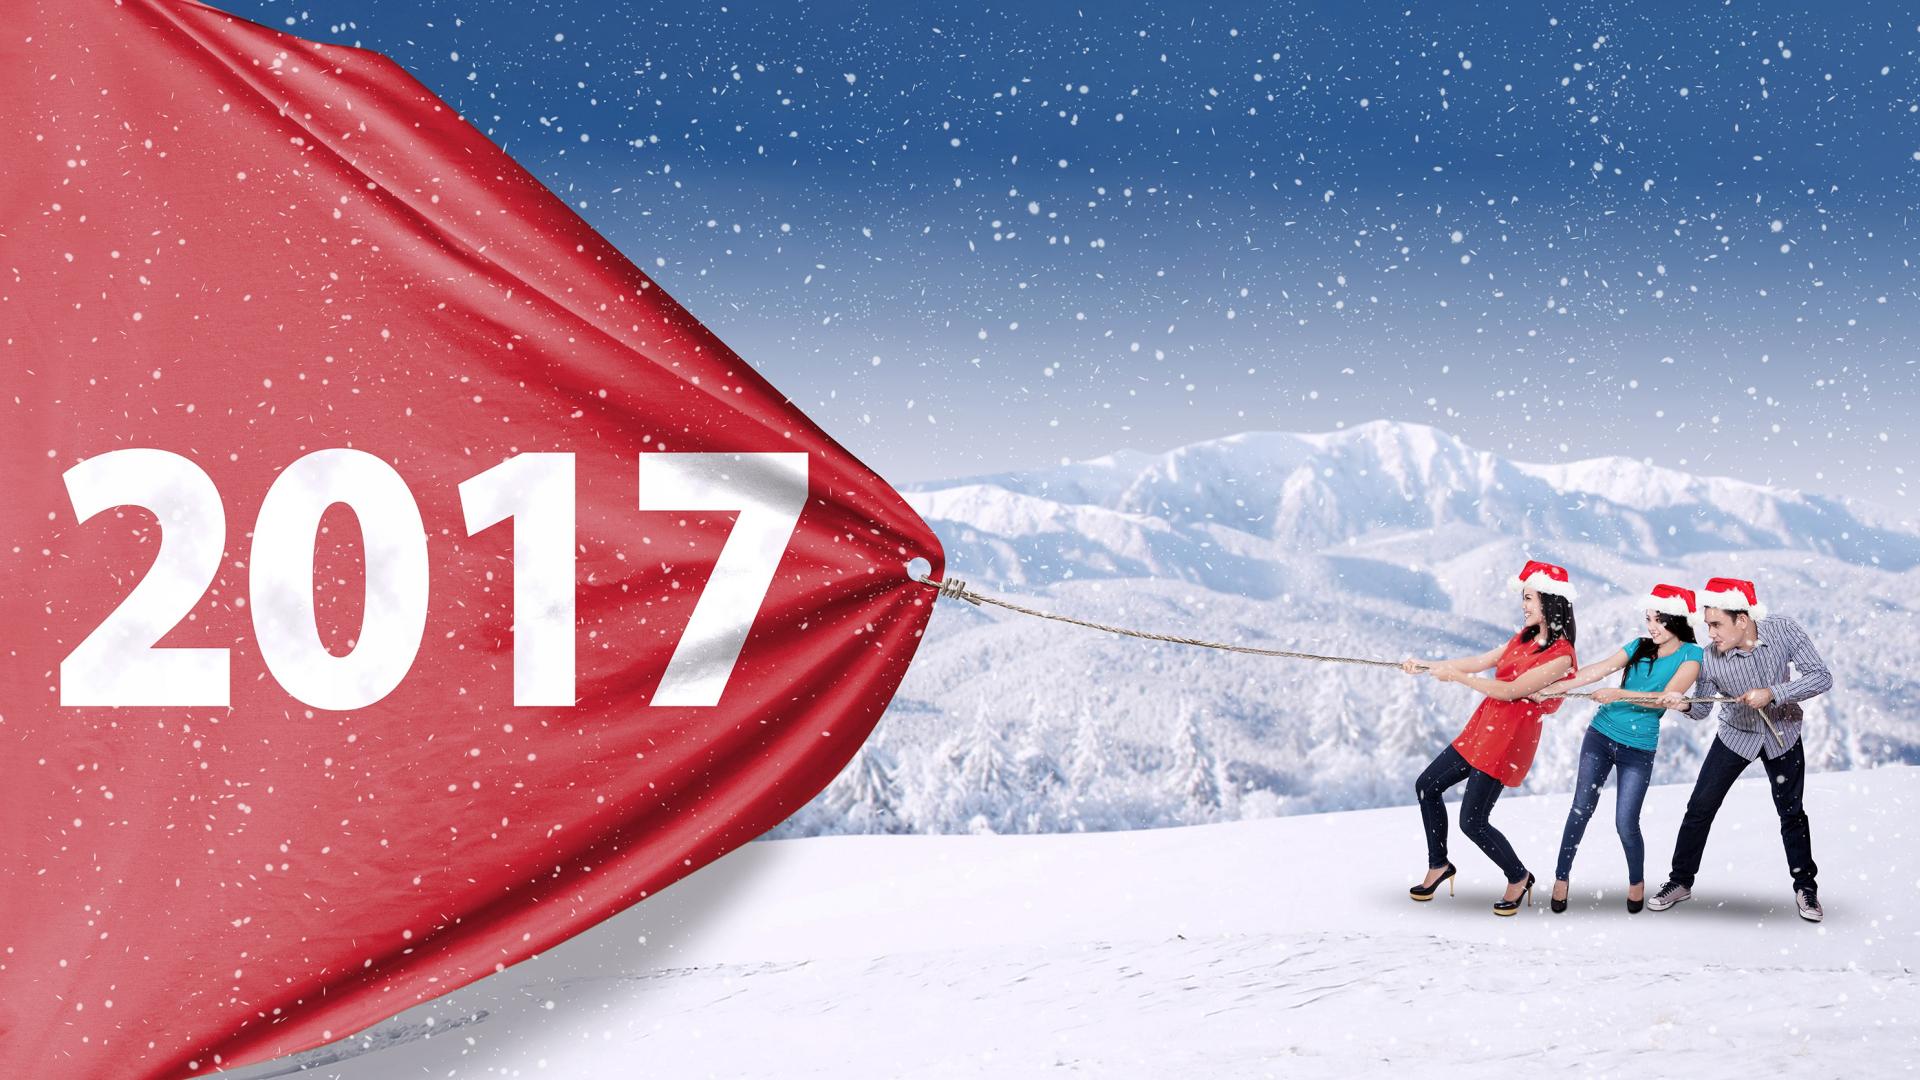 Картинка новый год 2017, прикольные врач